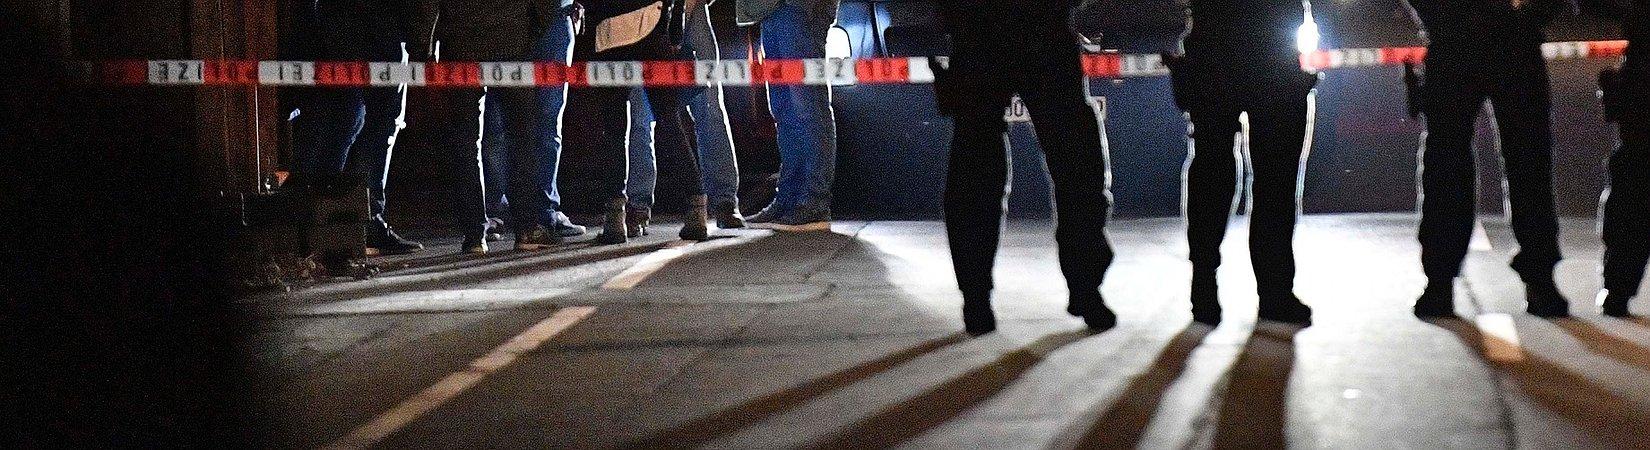 La polizia indaga sulle tre bombe esplose davanti al bus del Borussia Dortmund